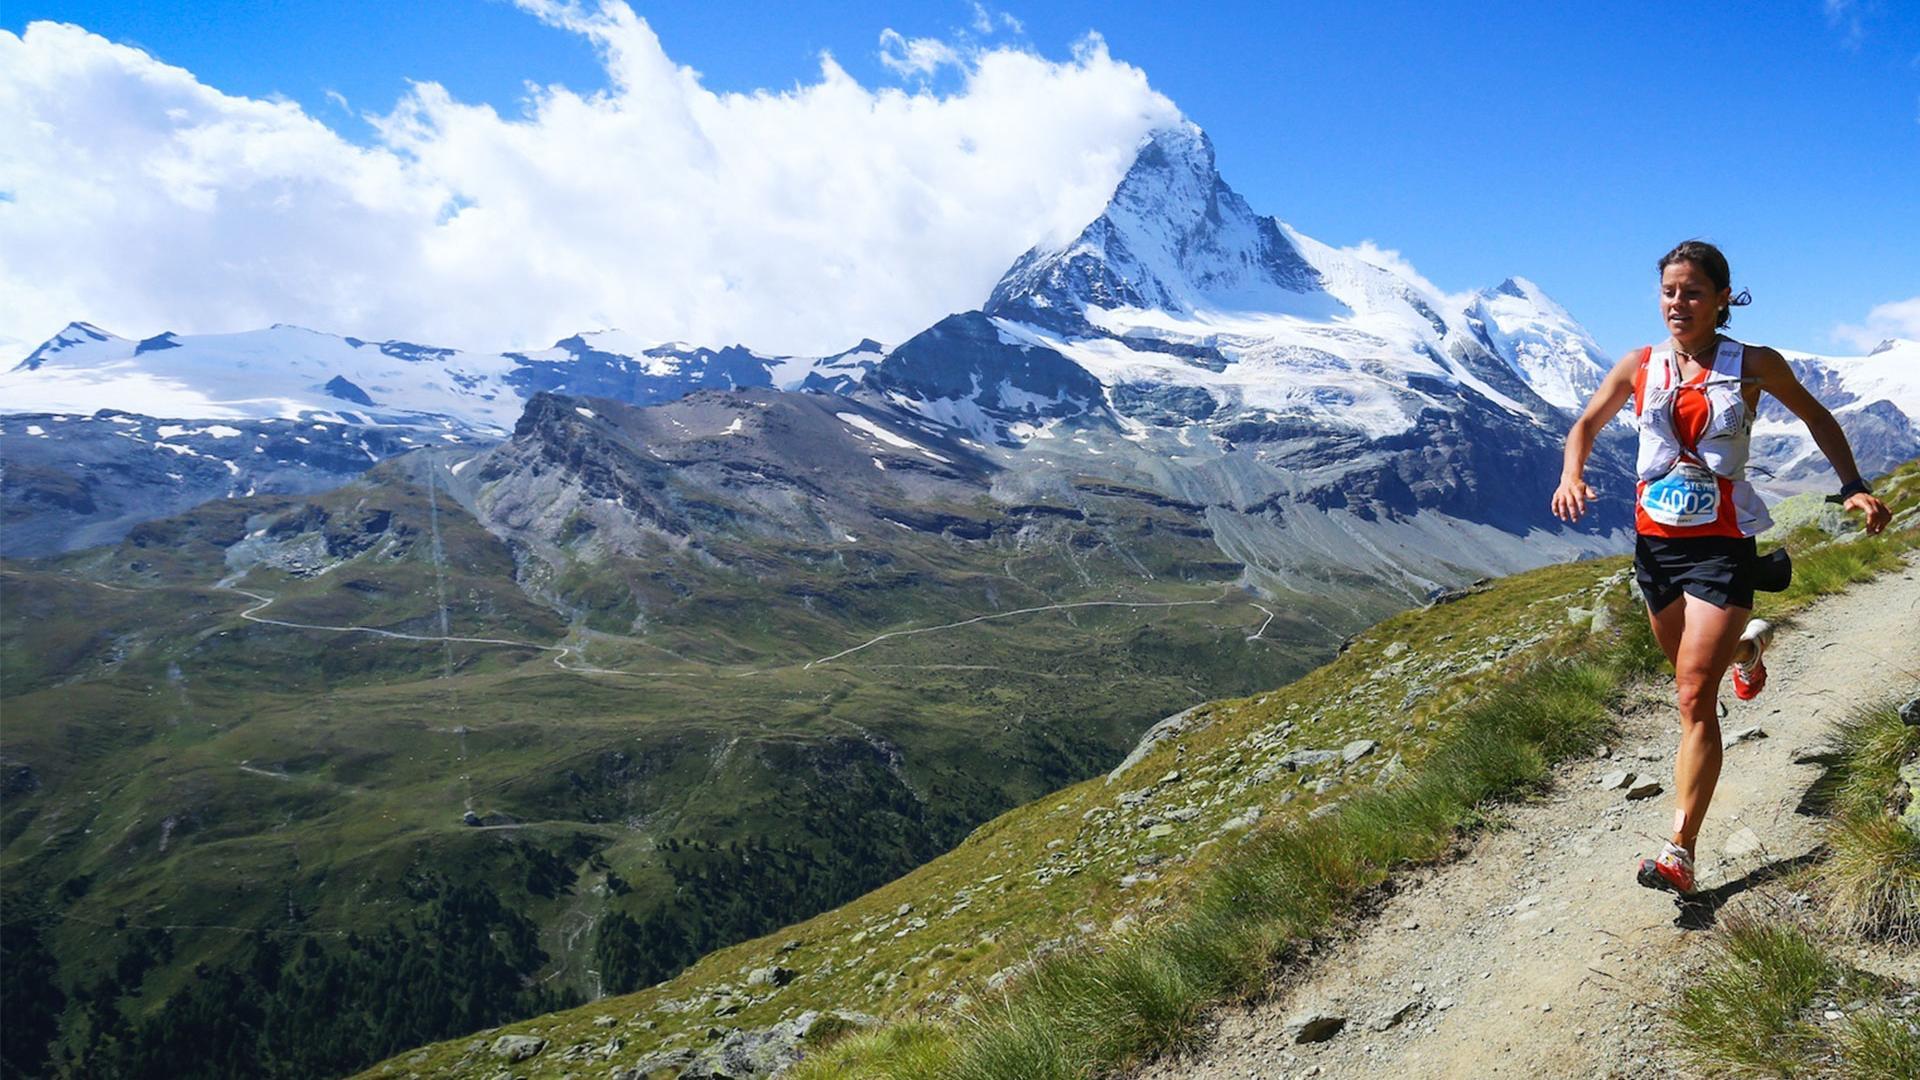 Running the Matterhorn ultra run